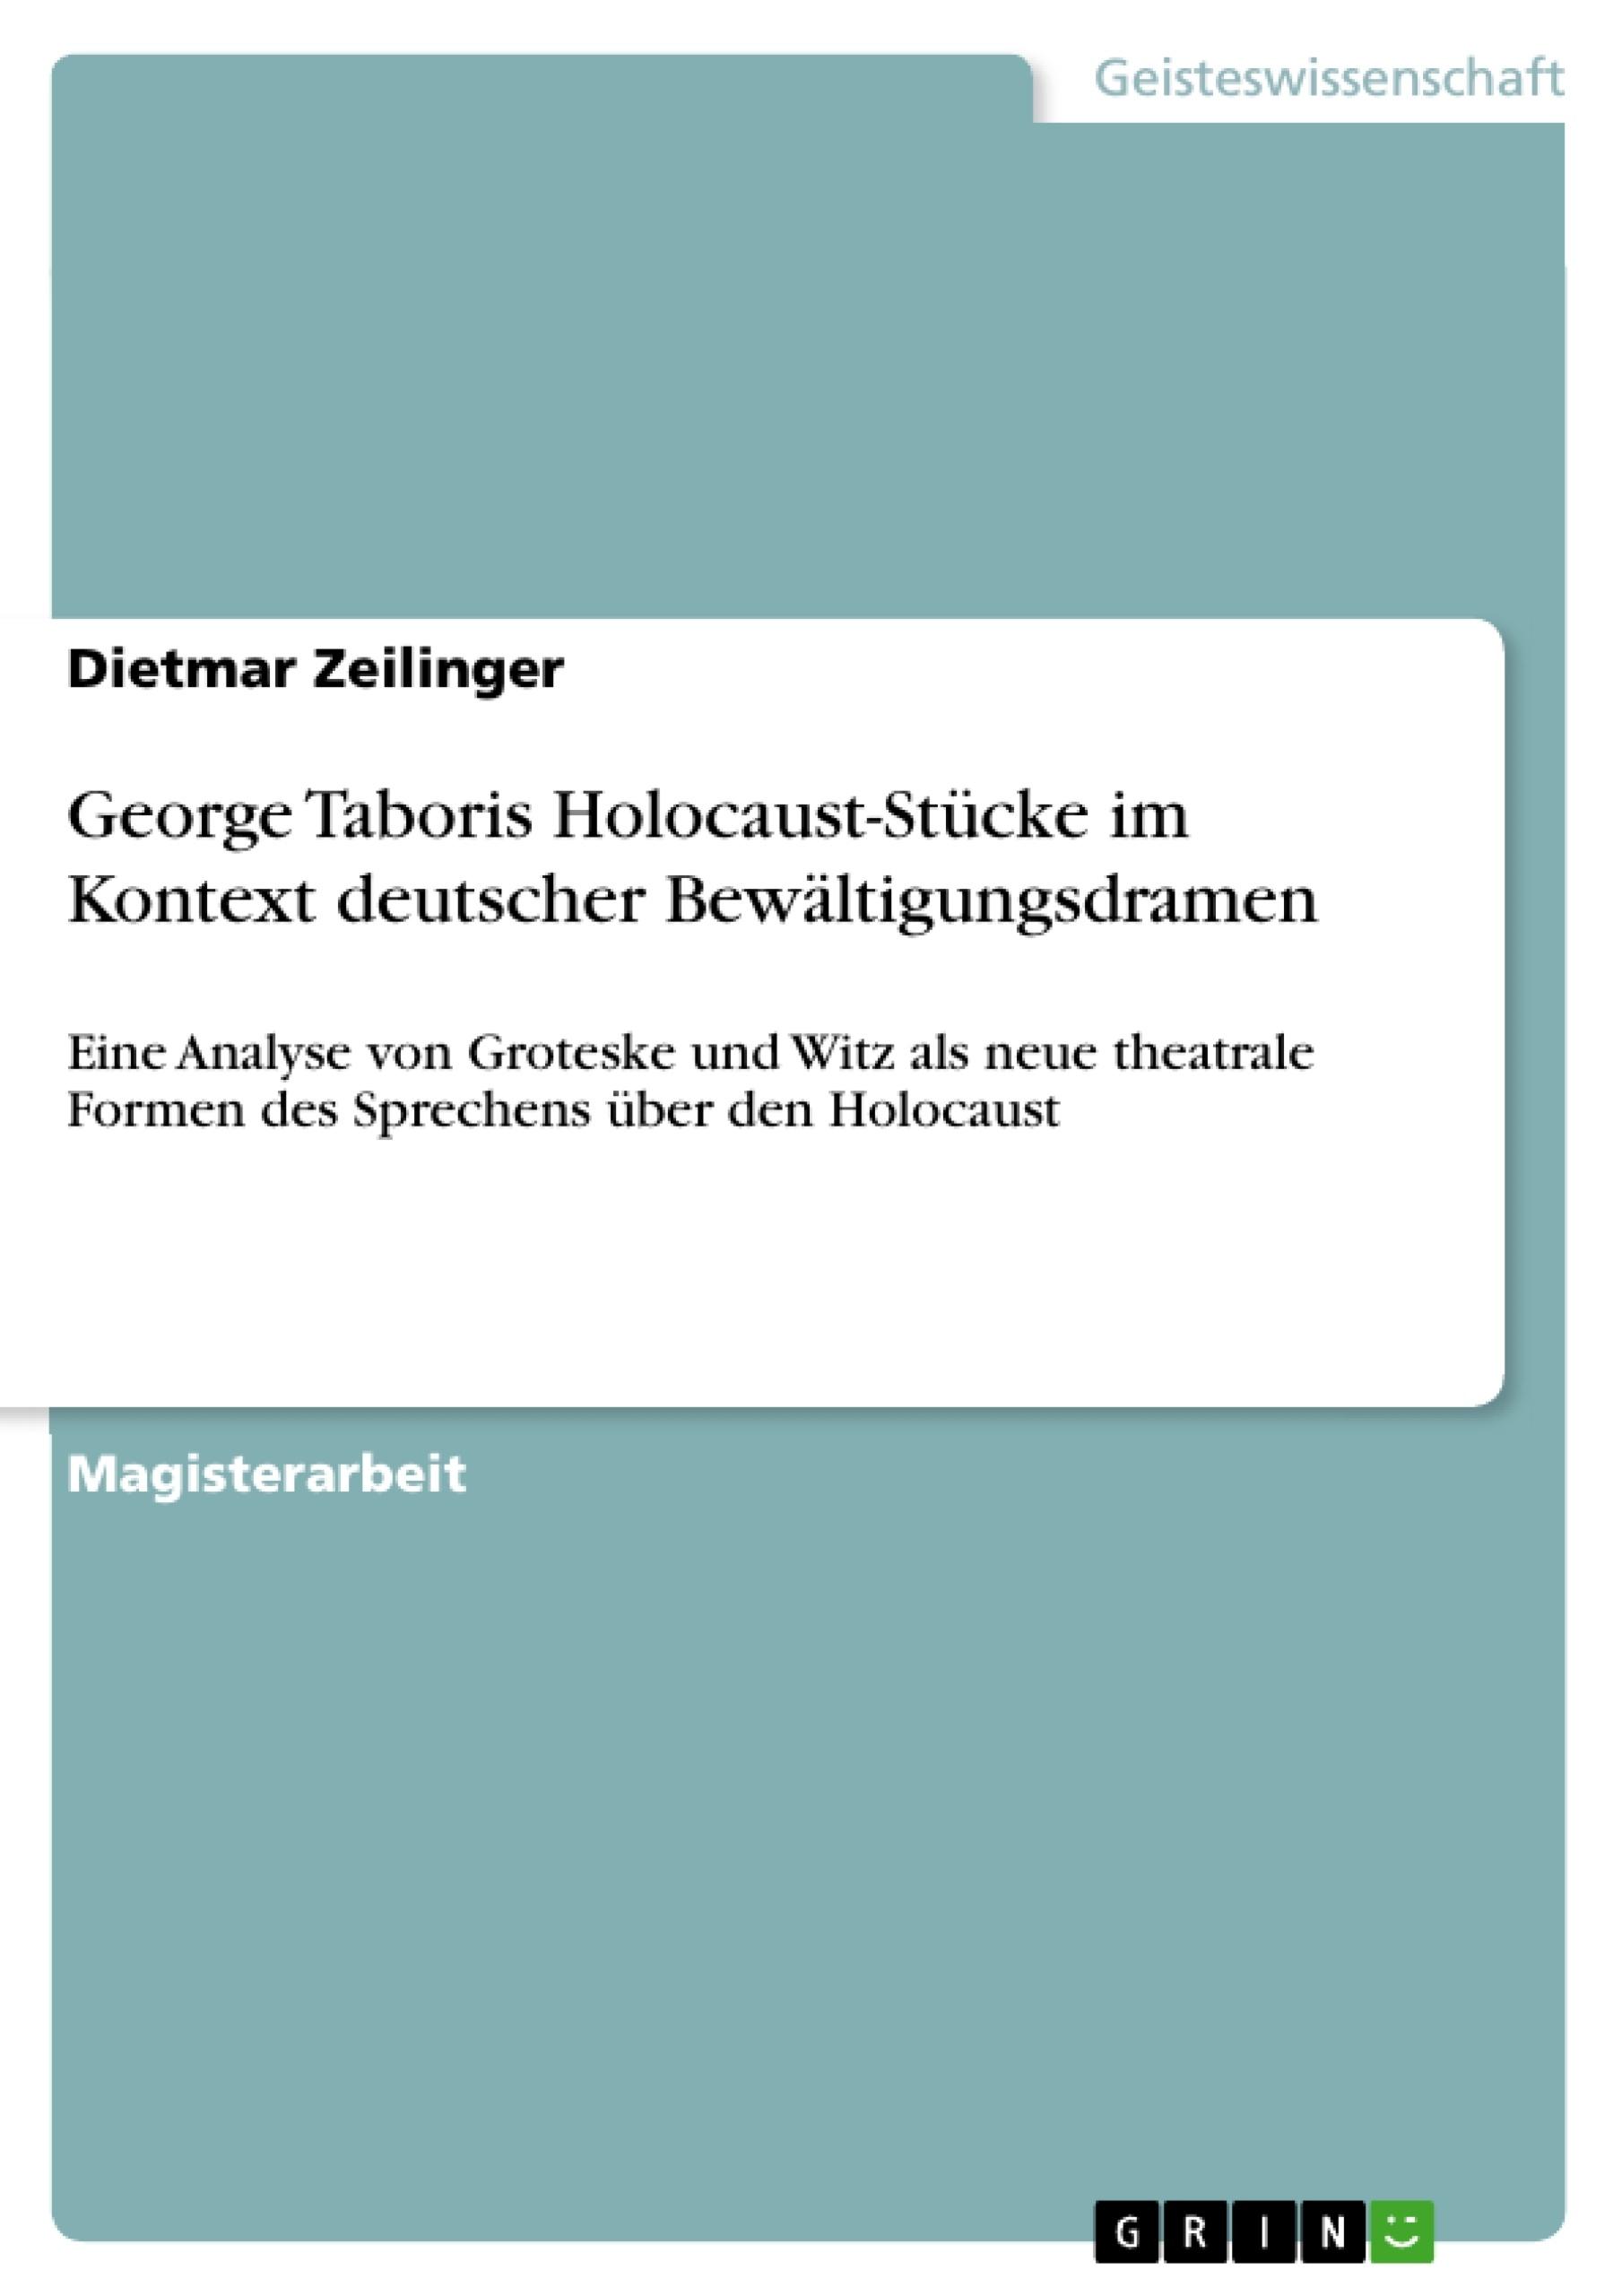 Titel: George Taboris Holocaust-Stücke im Kontext deutscher Bewältigungsdramen